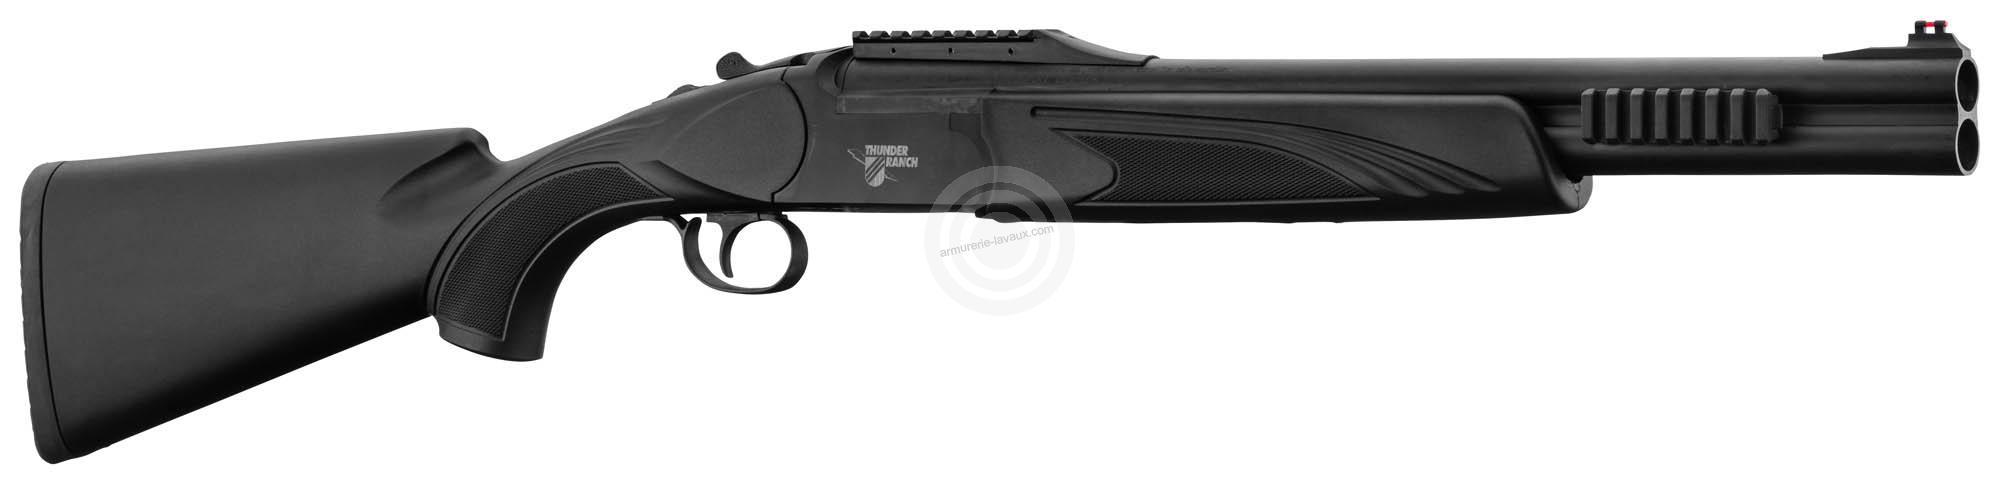 Fusil coach Gun MOSSBERG HS12 Thunder Ranch Over/Under cal.12